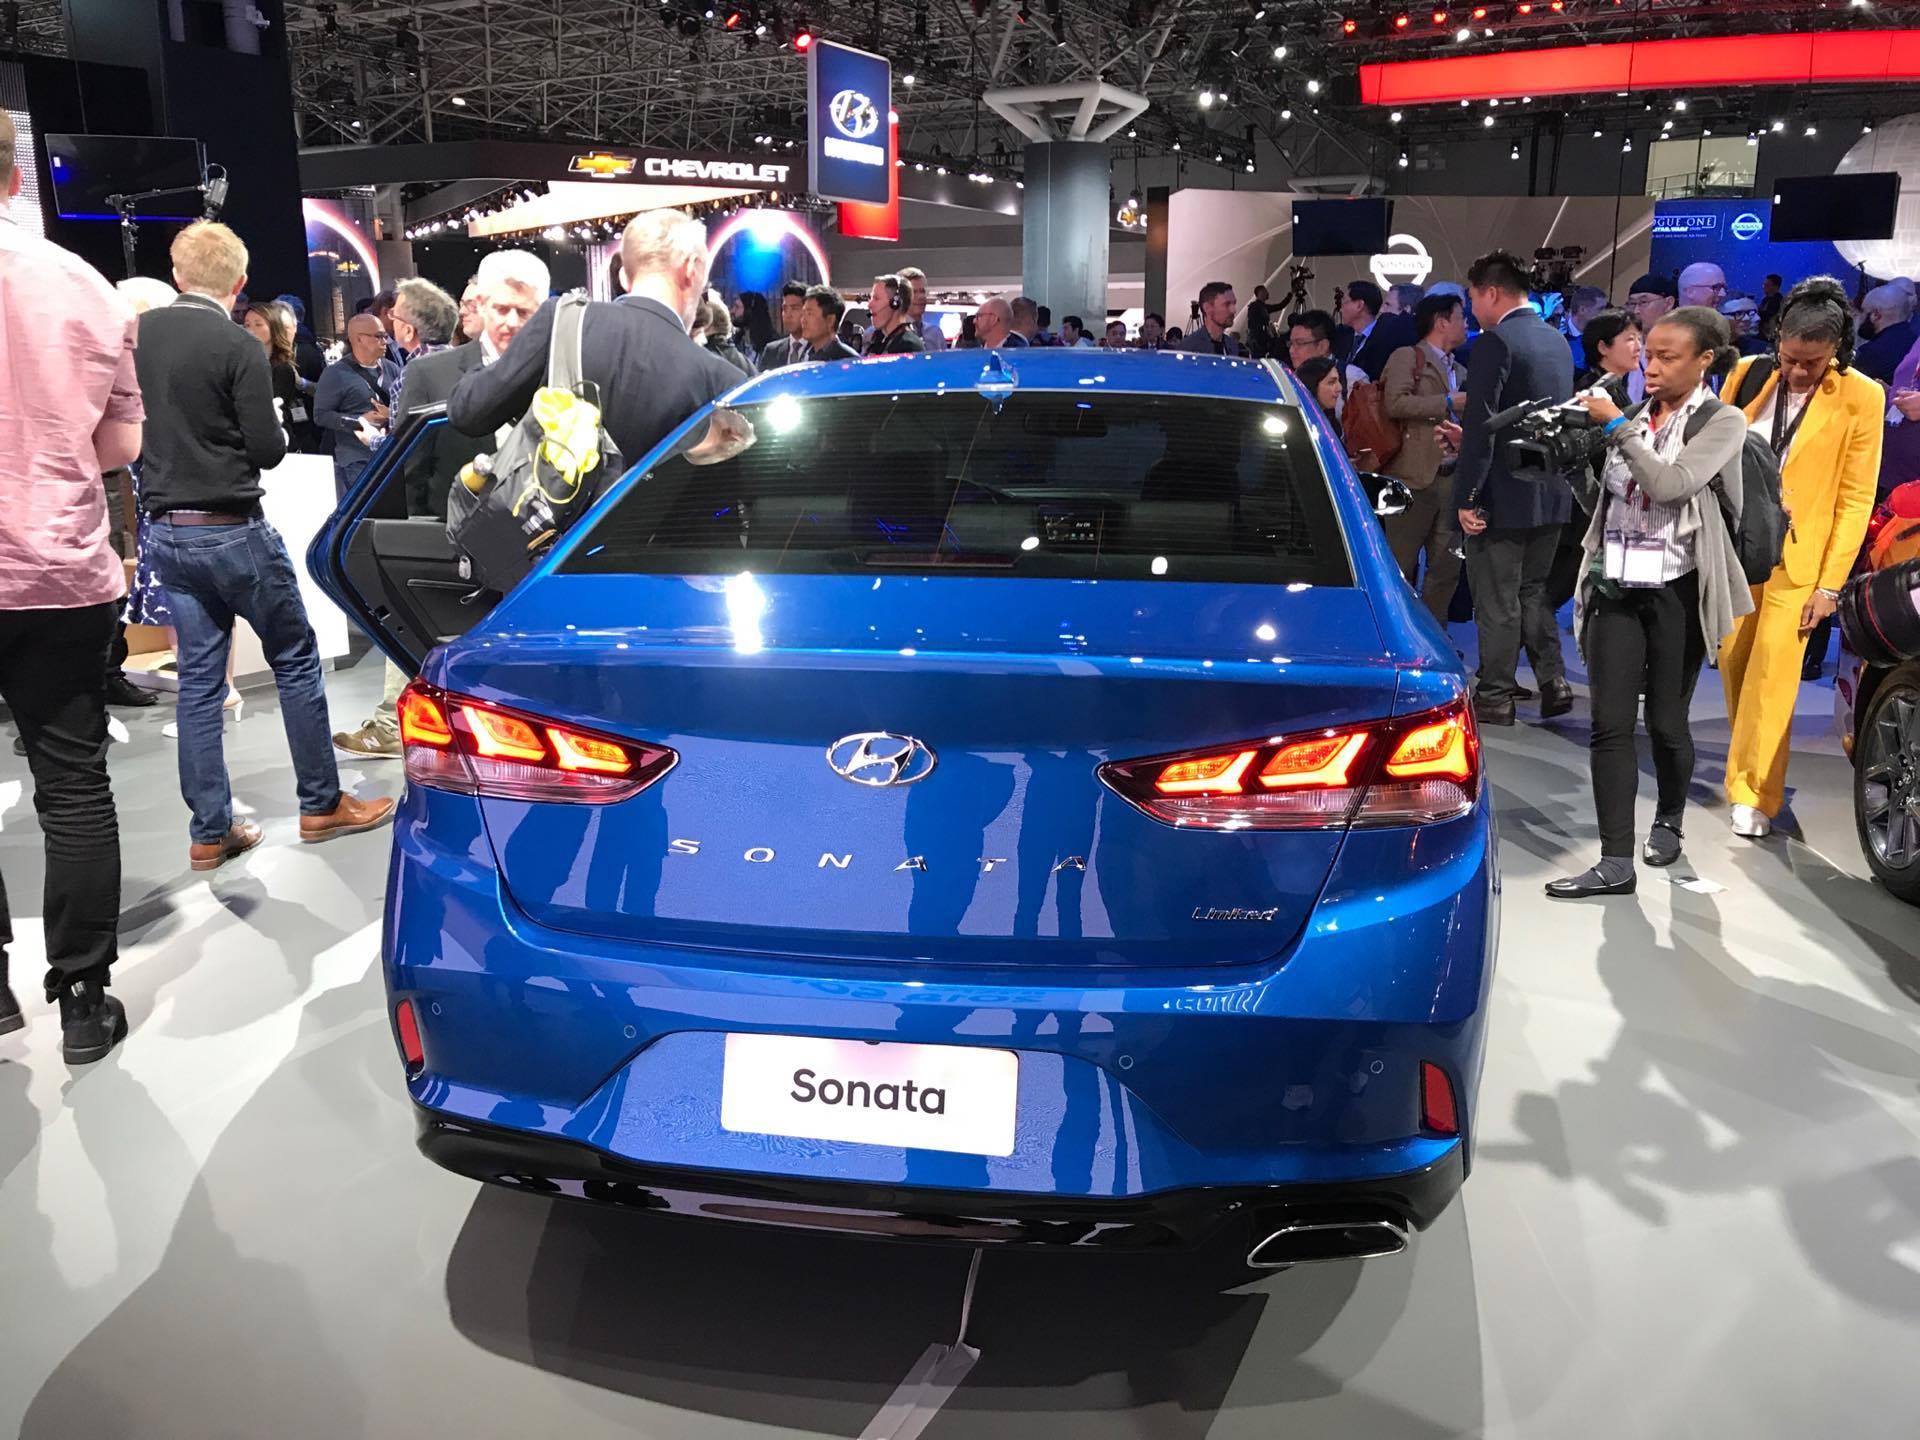 Lastest 2018 Hyundai Sonata Sedan Car Reveal At 2017 New York